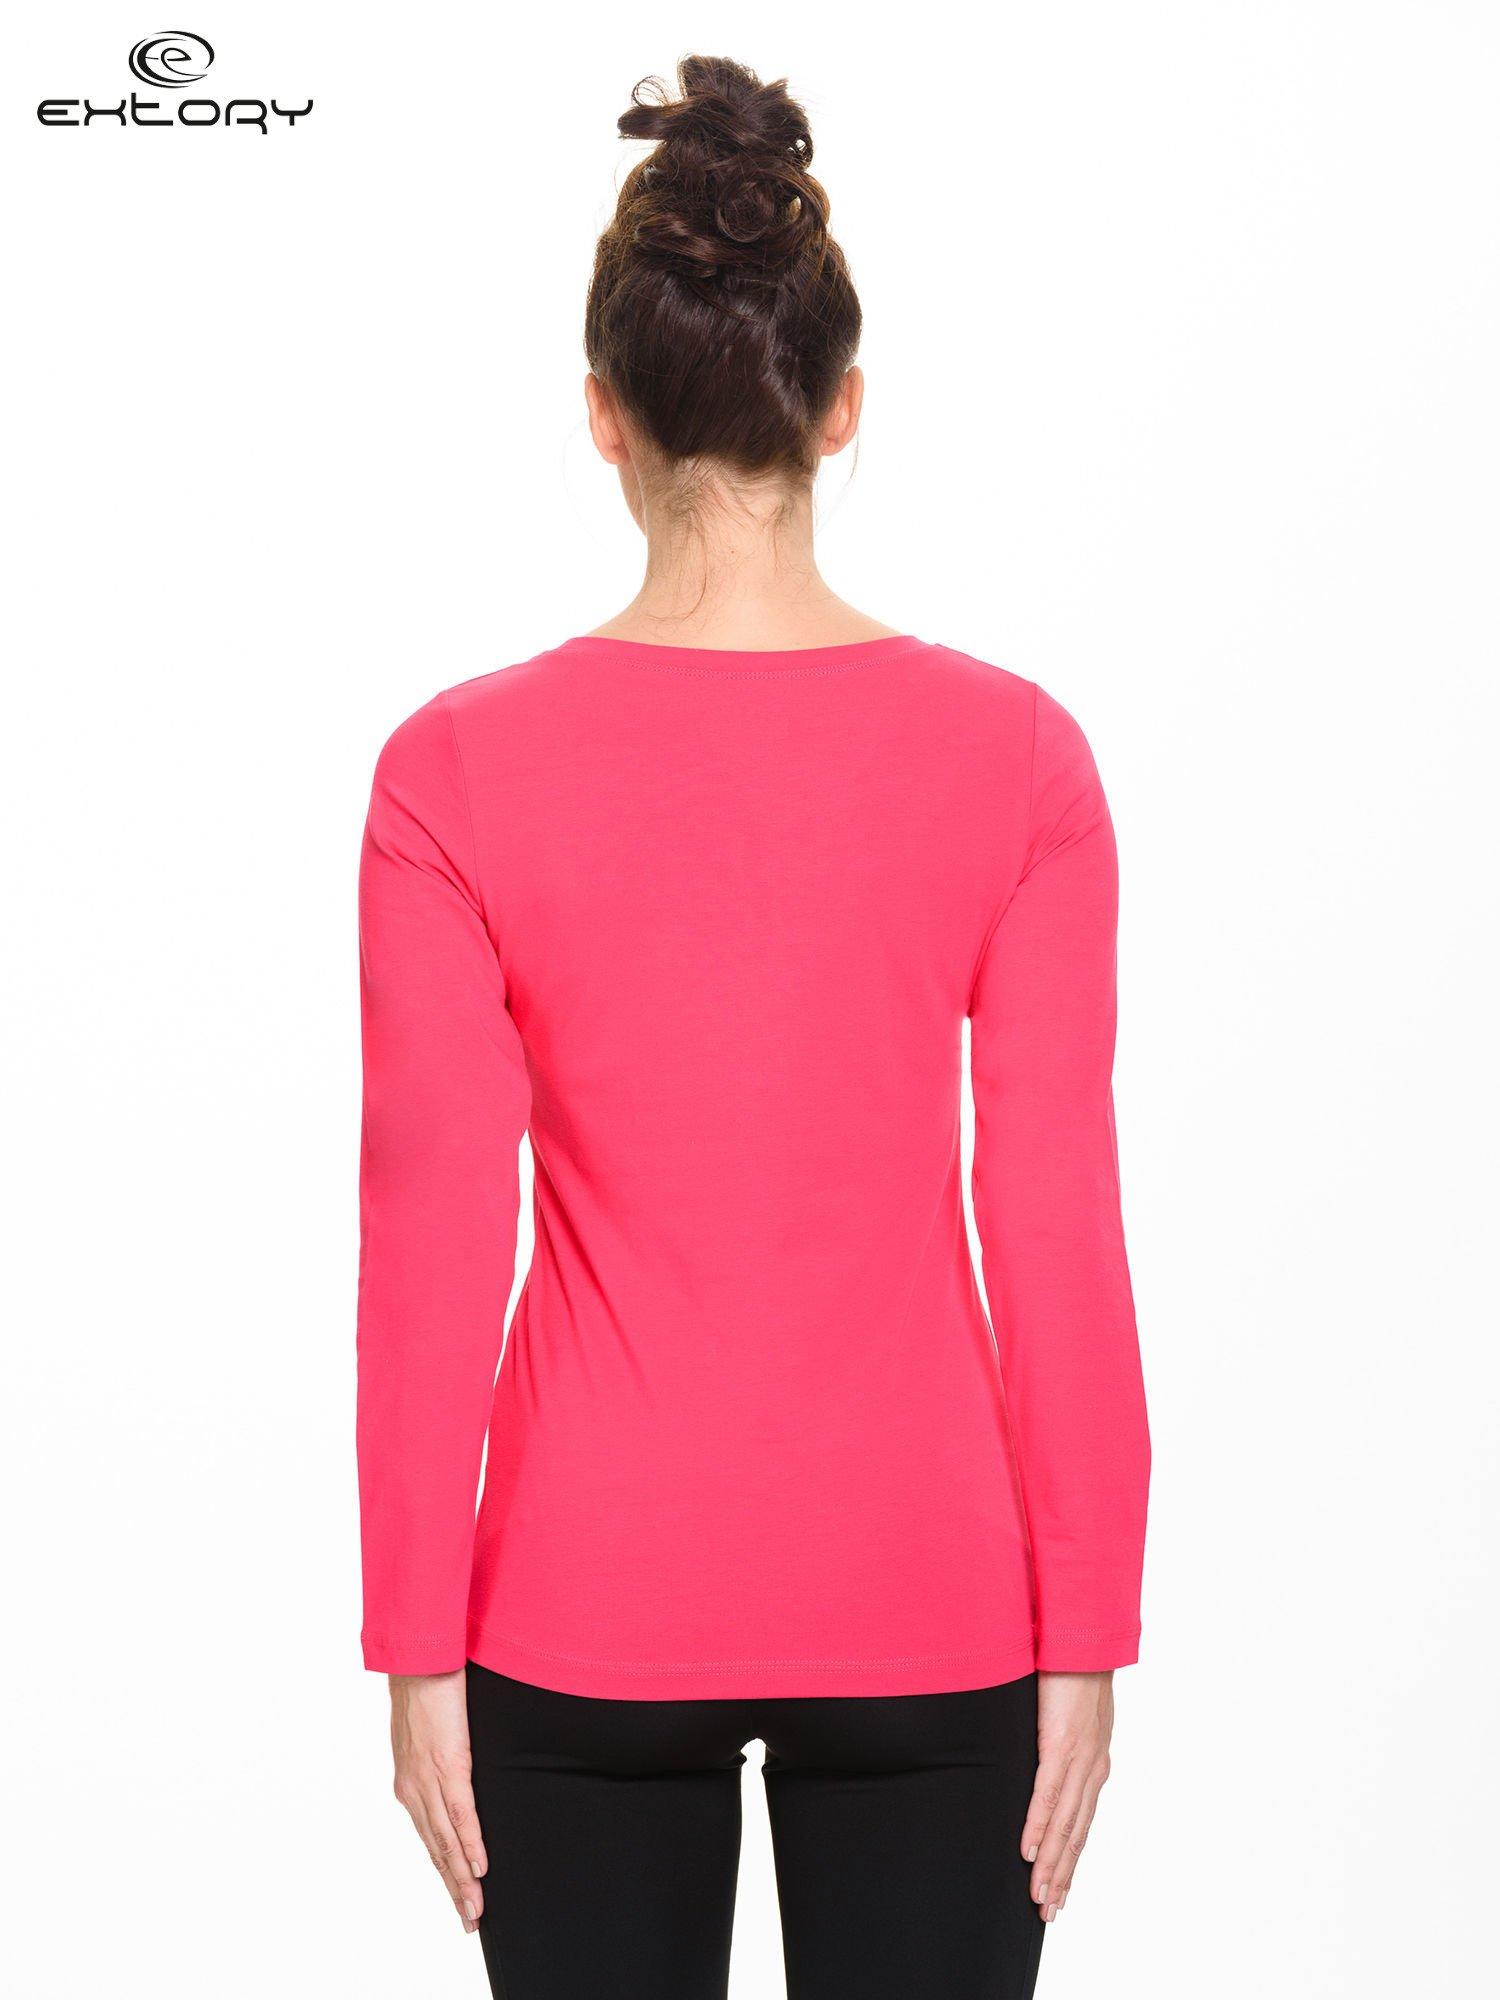 Różowa gładka bluzka sportowa z dekoltem U PLUS SIZE                                  zdj.                                  3